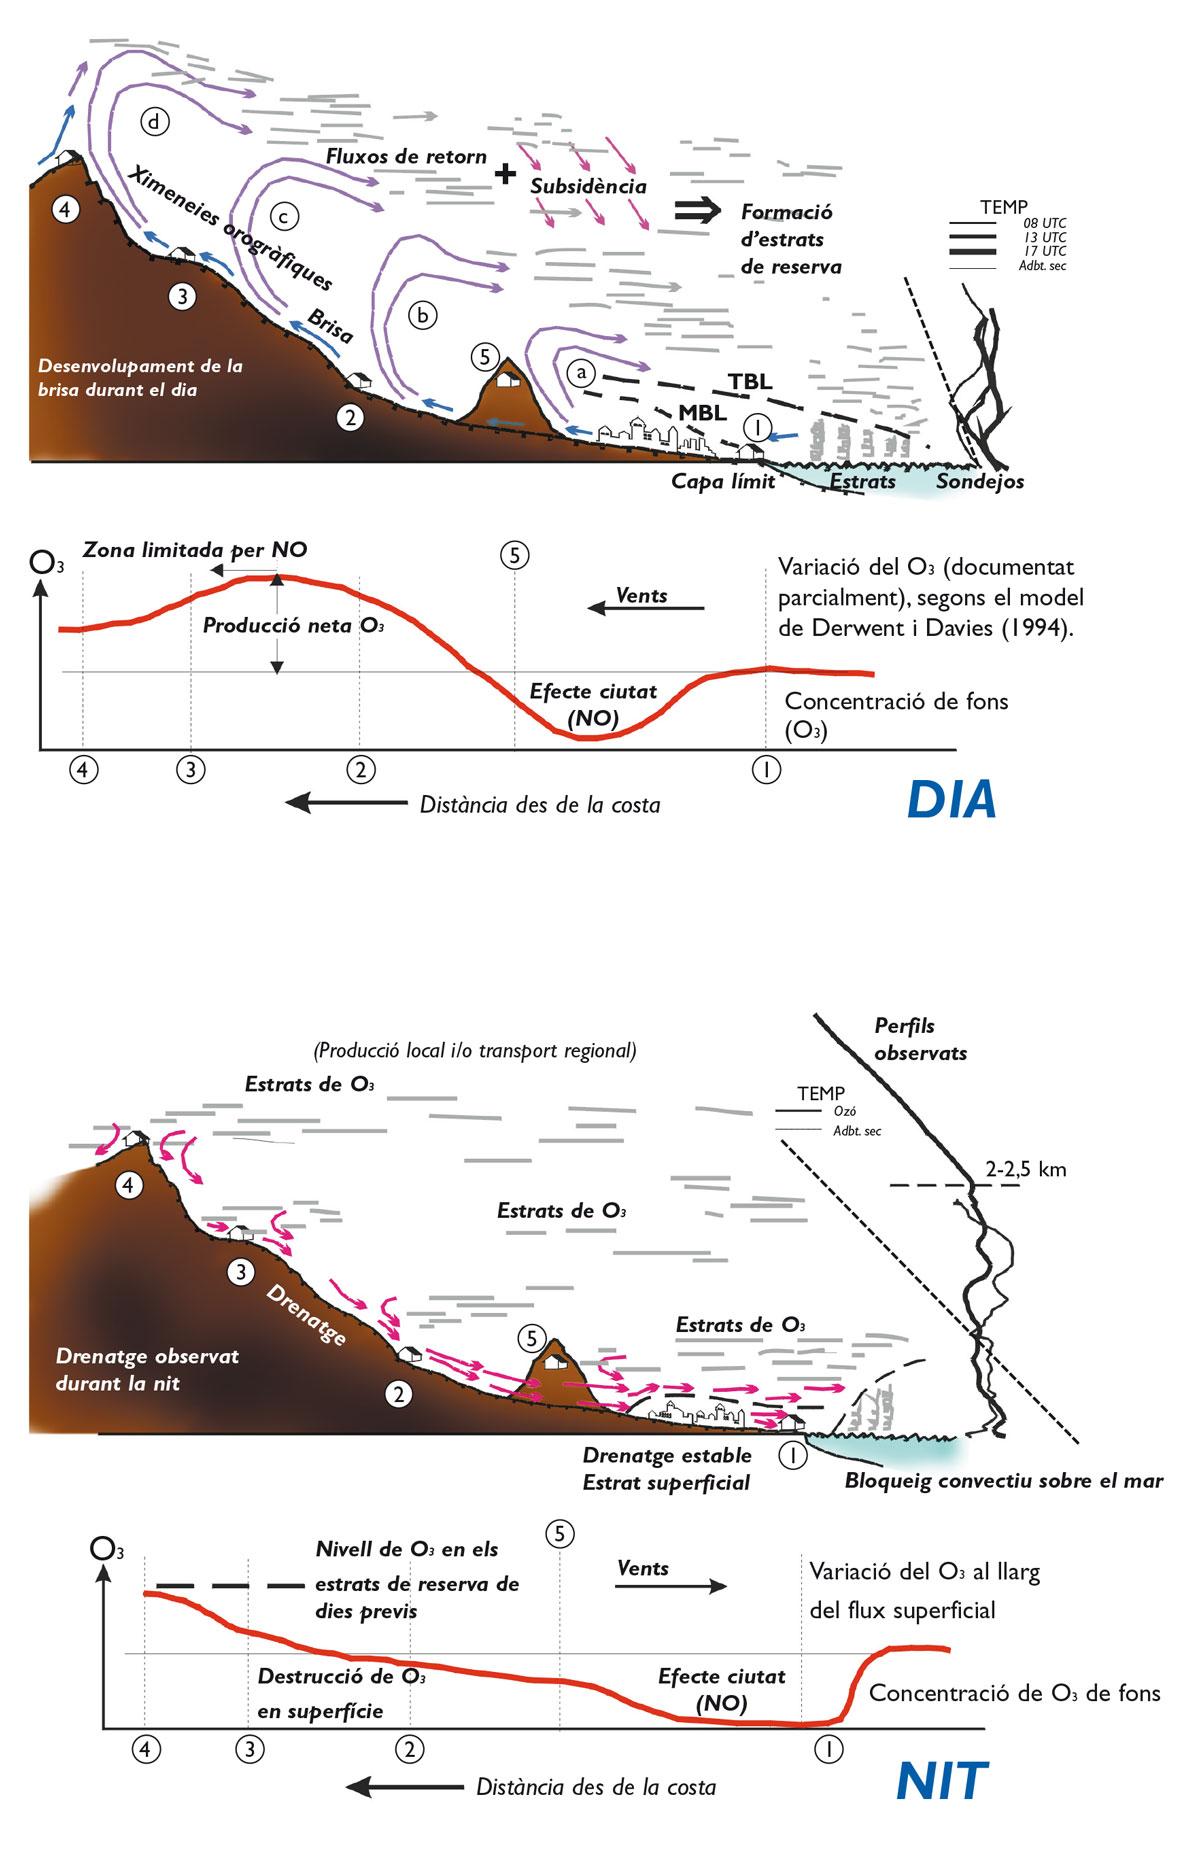 Circulacions esquematitzades per a una vall costanera de la conca mediterrània